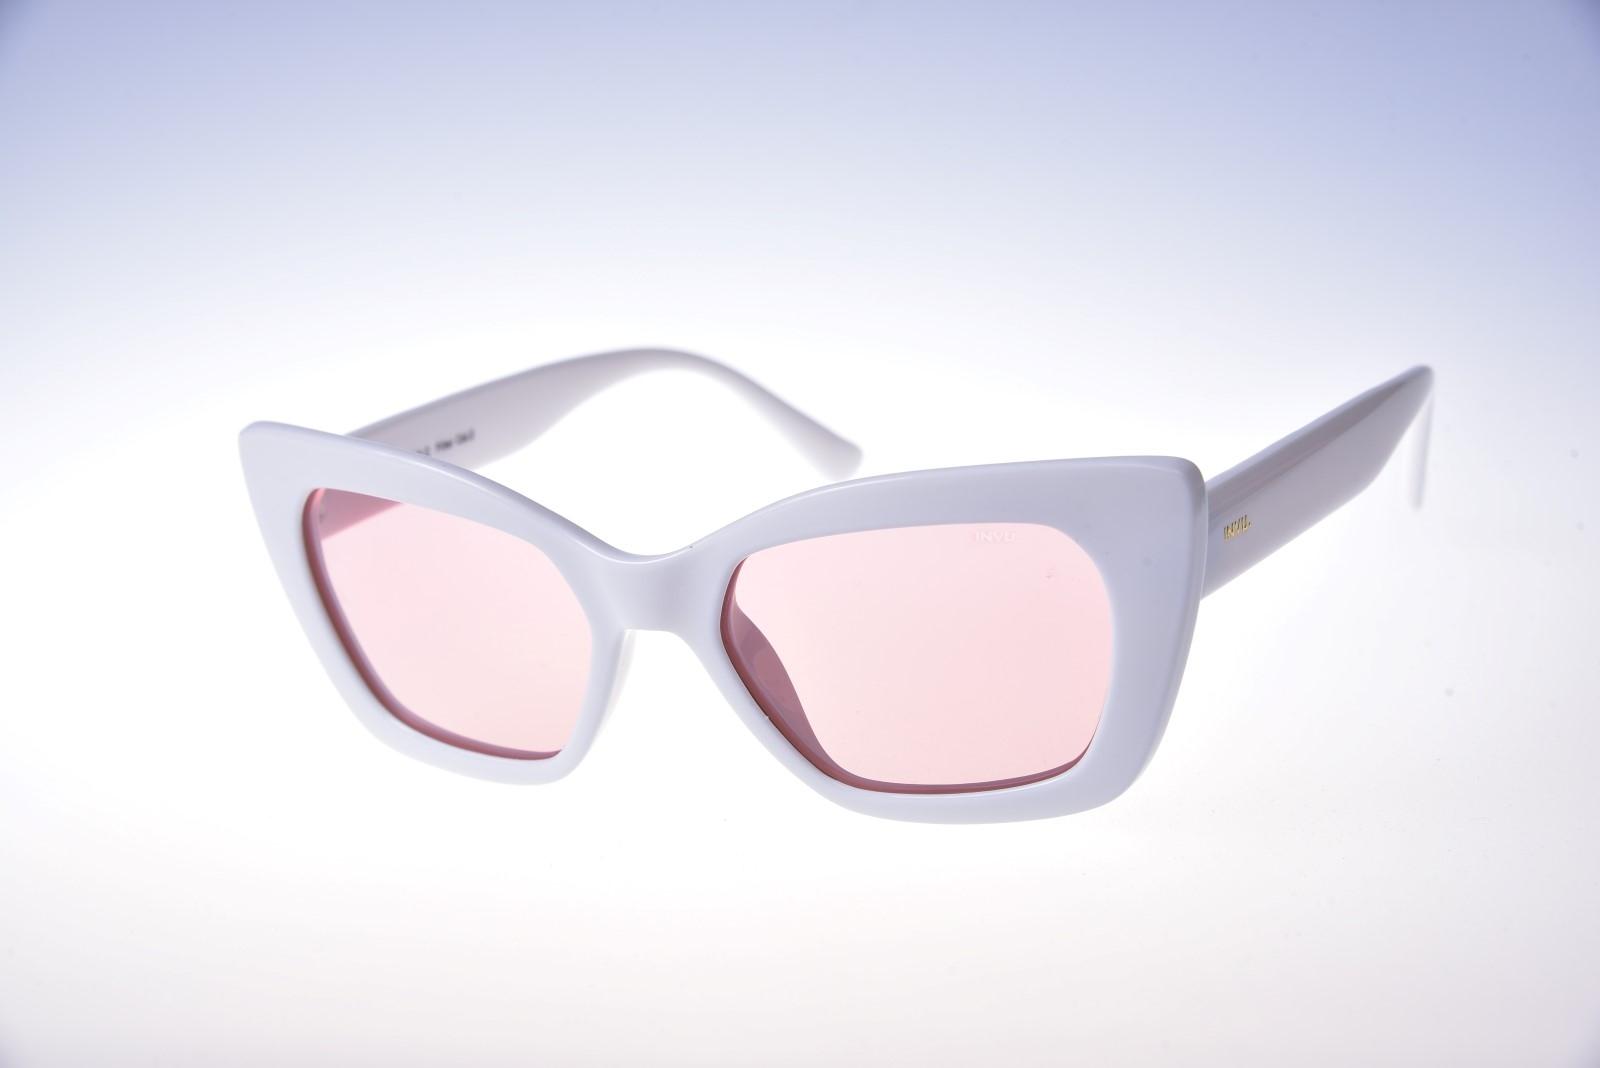 b57d24d57 INVU. Trend T2900C - Dámske, pánske a detské slnečné okuliare ...